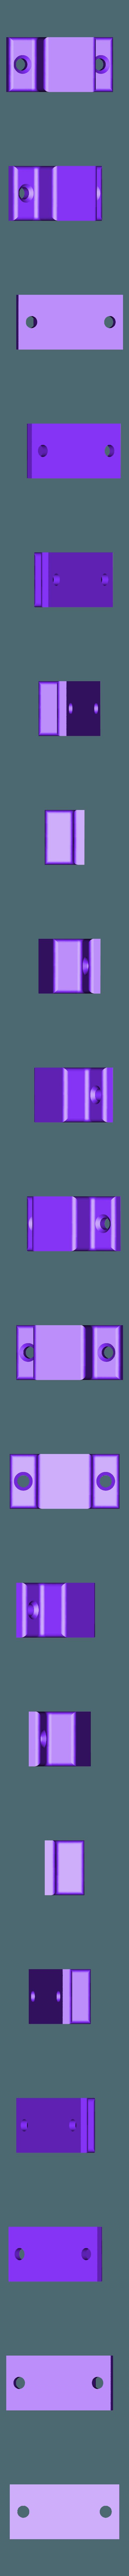 sliding_bolt_receiver_csk.stl Télécharger fichier STL gratuit Verrou de porte coulissante Impression entièrement assemblée • Design à imprimer en 3D, Sagittario